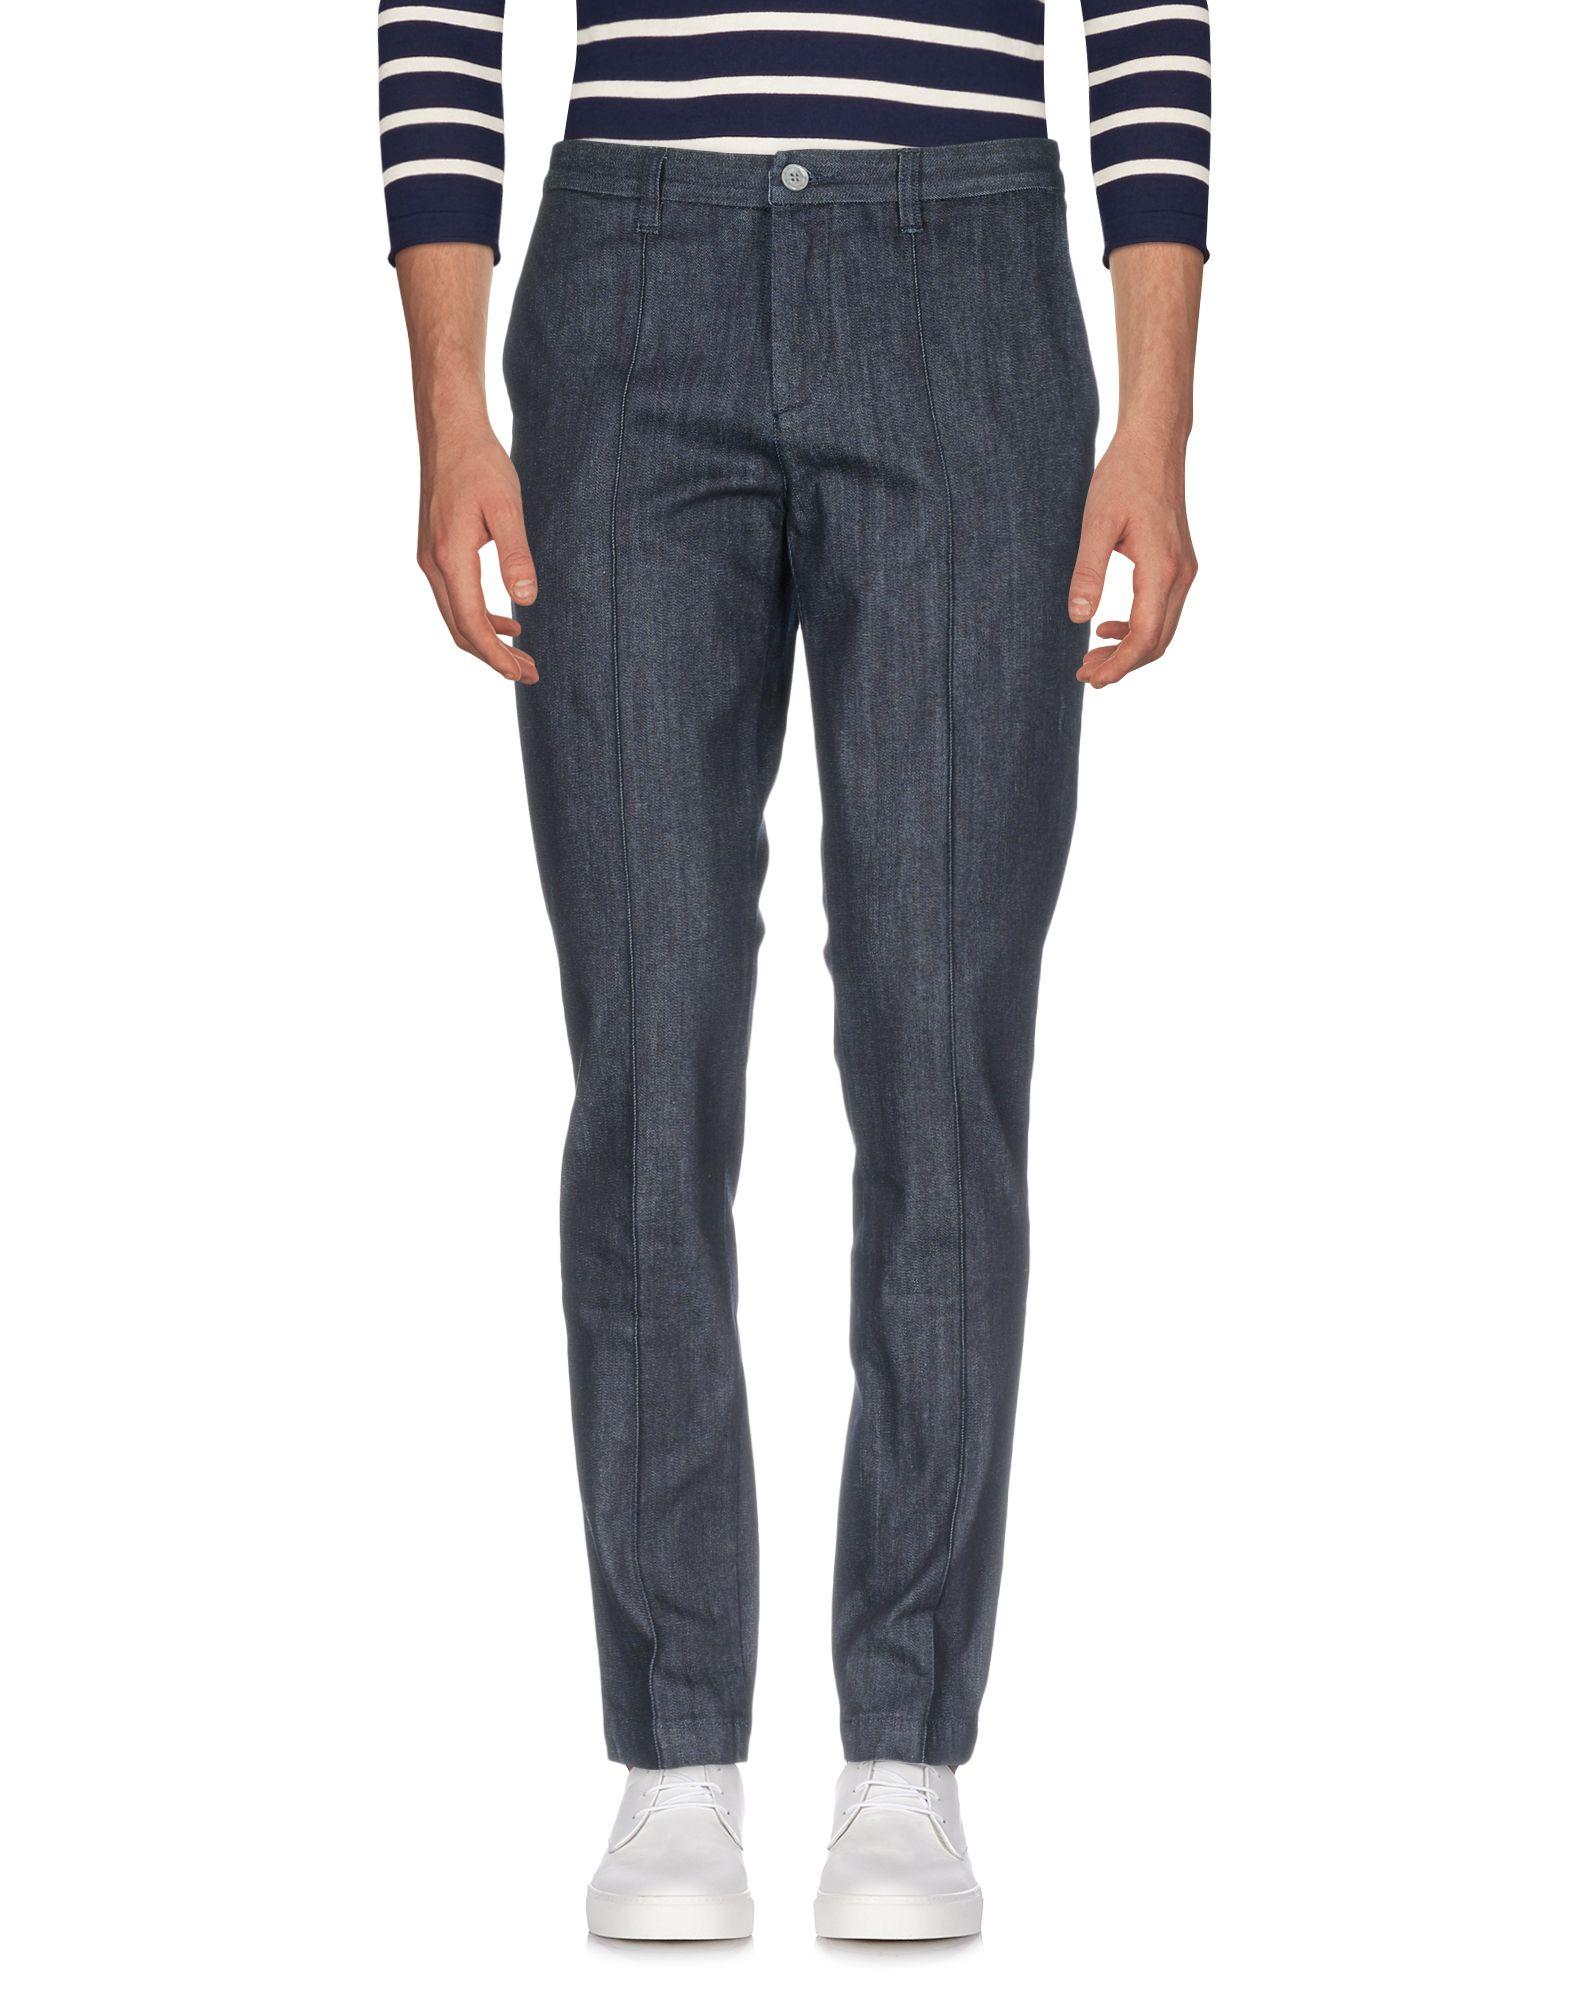 Pantaloni Jeans Shaft Shaft Shaft Uomo - 42654958NH 129128